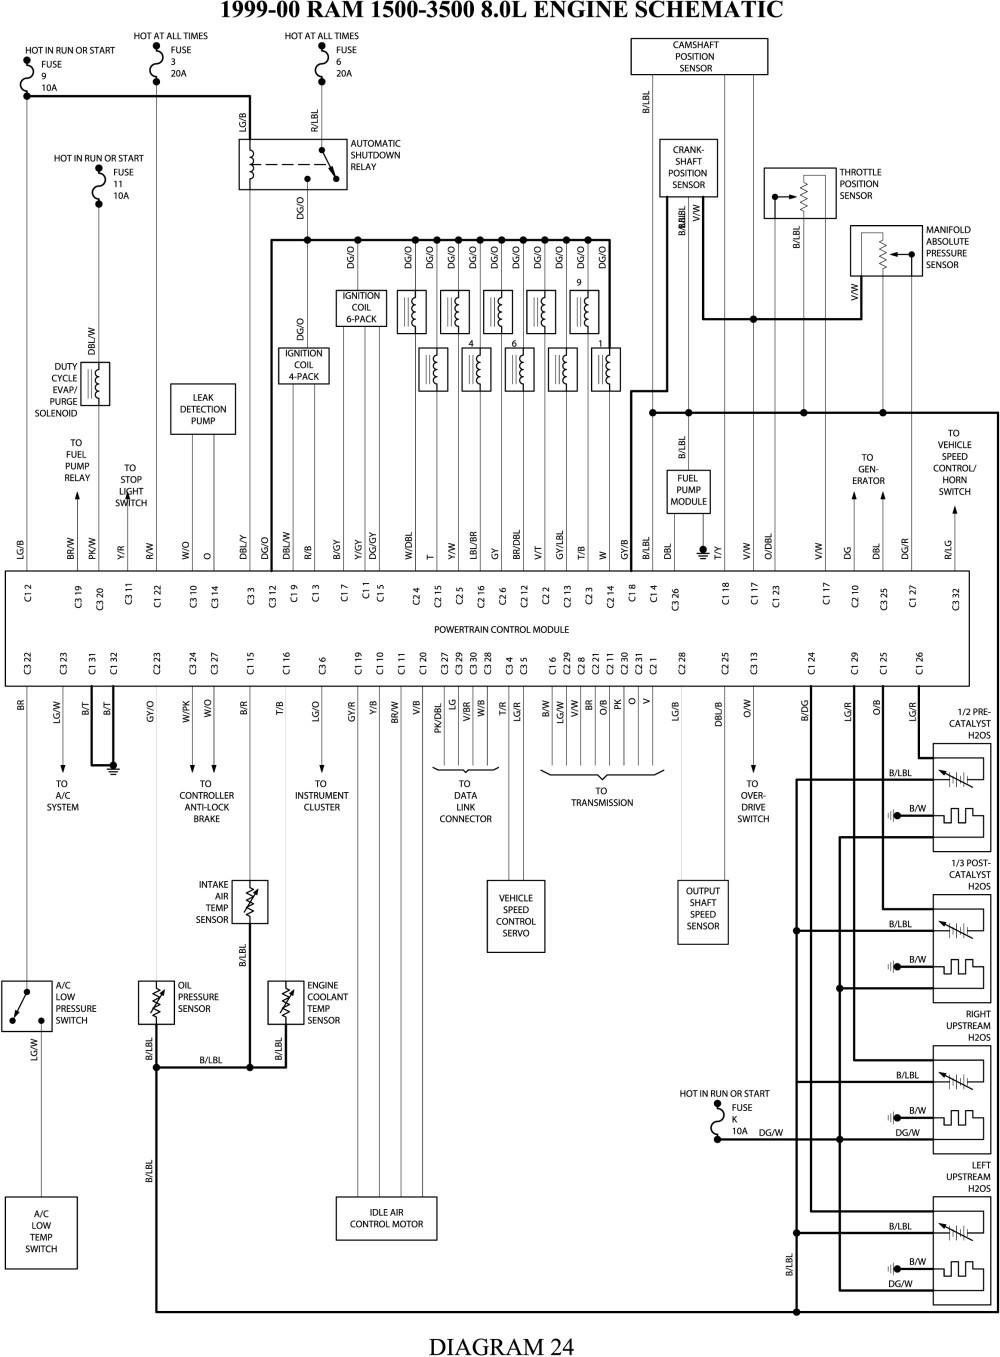 2016 Dodge Ram 1500 Generator Schematic Get 2016 Dodge Ram Trailer Wiring Diagram Download Of 2016 Dodge Ram 1500 Generator Schematic